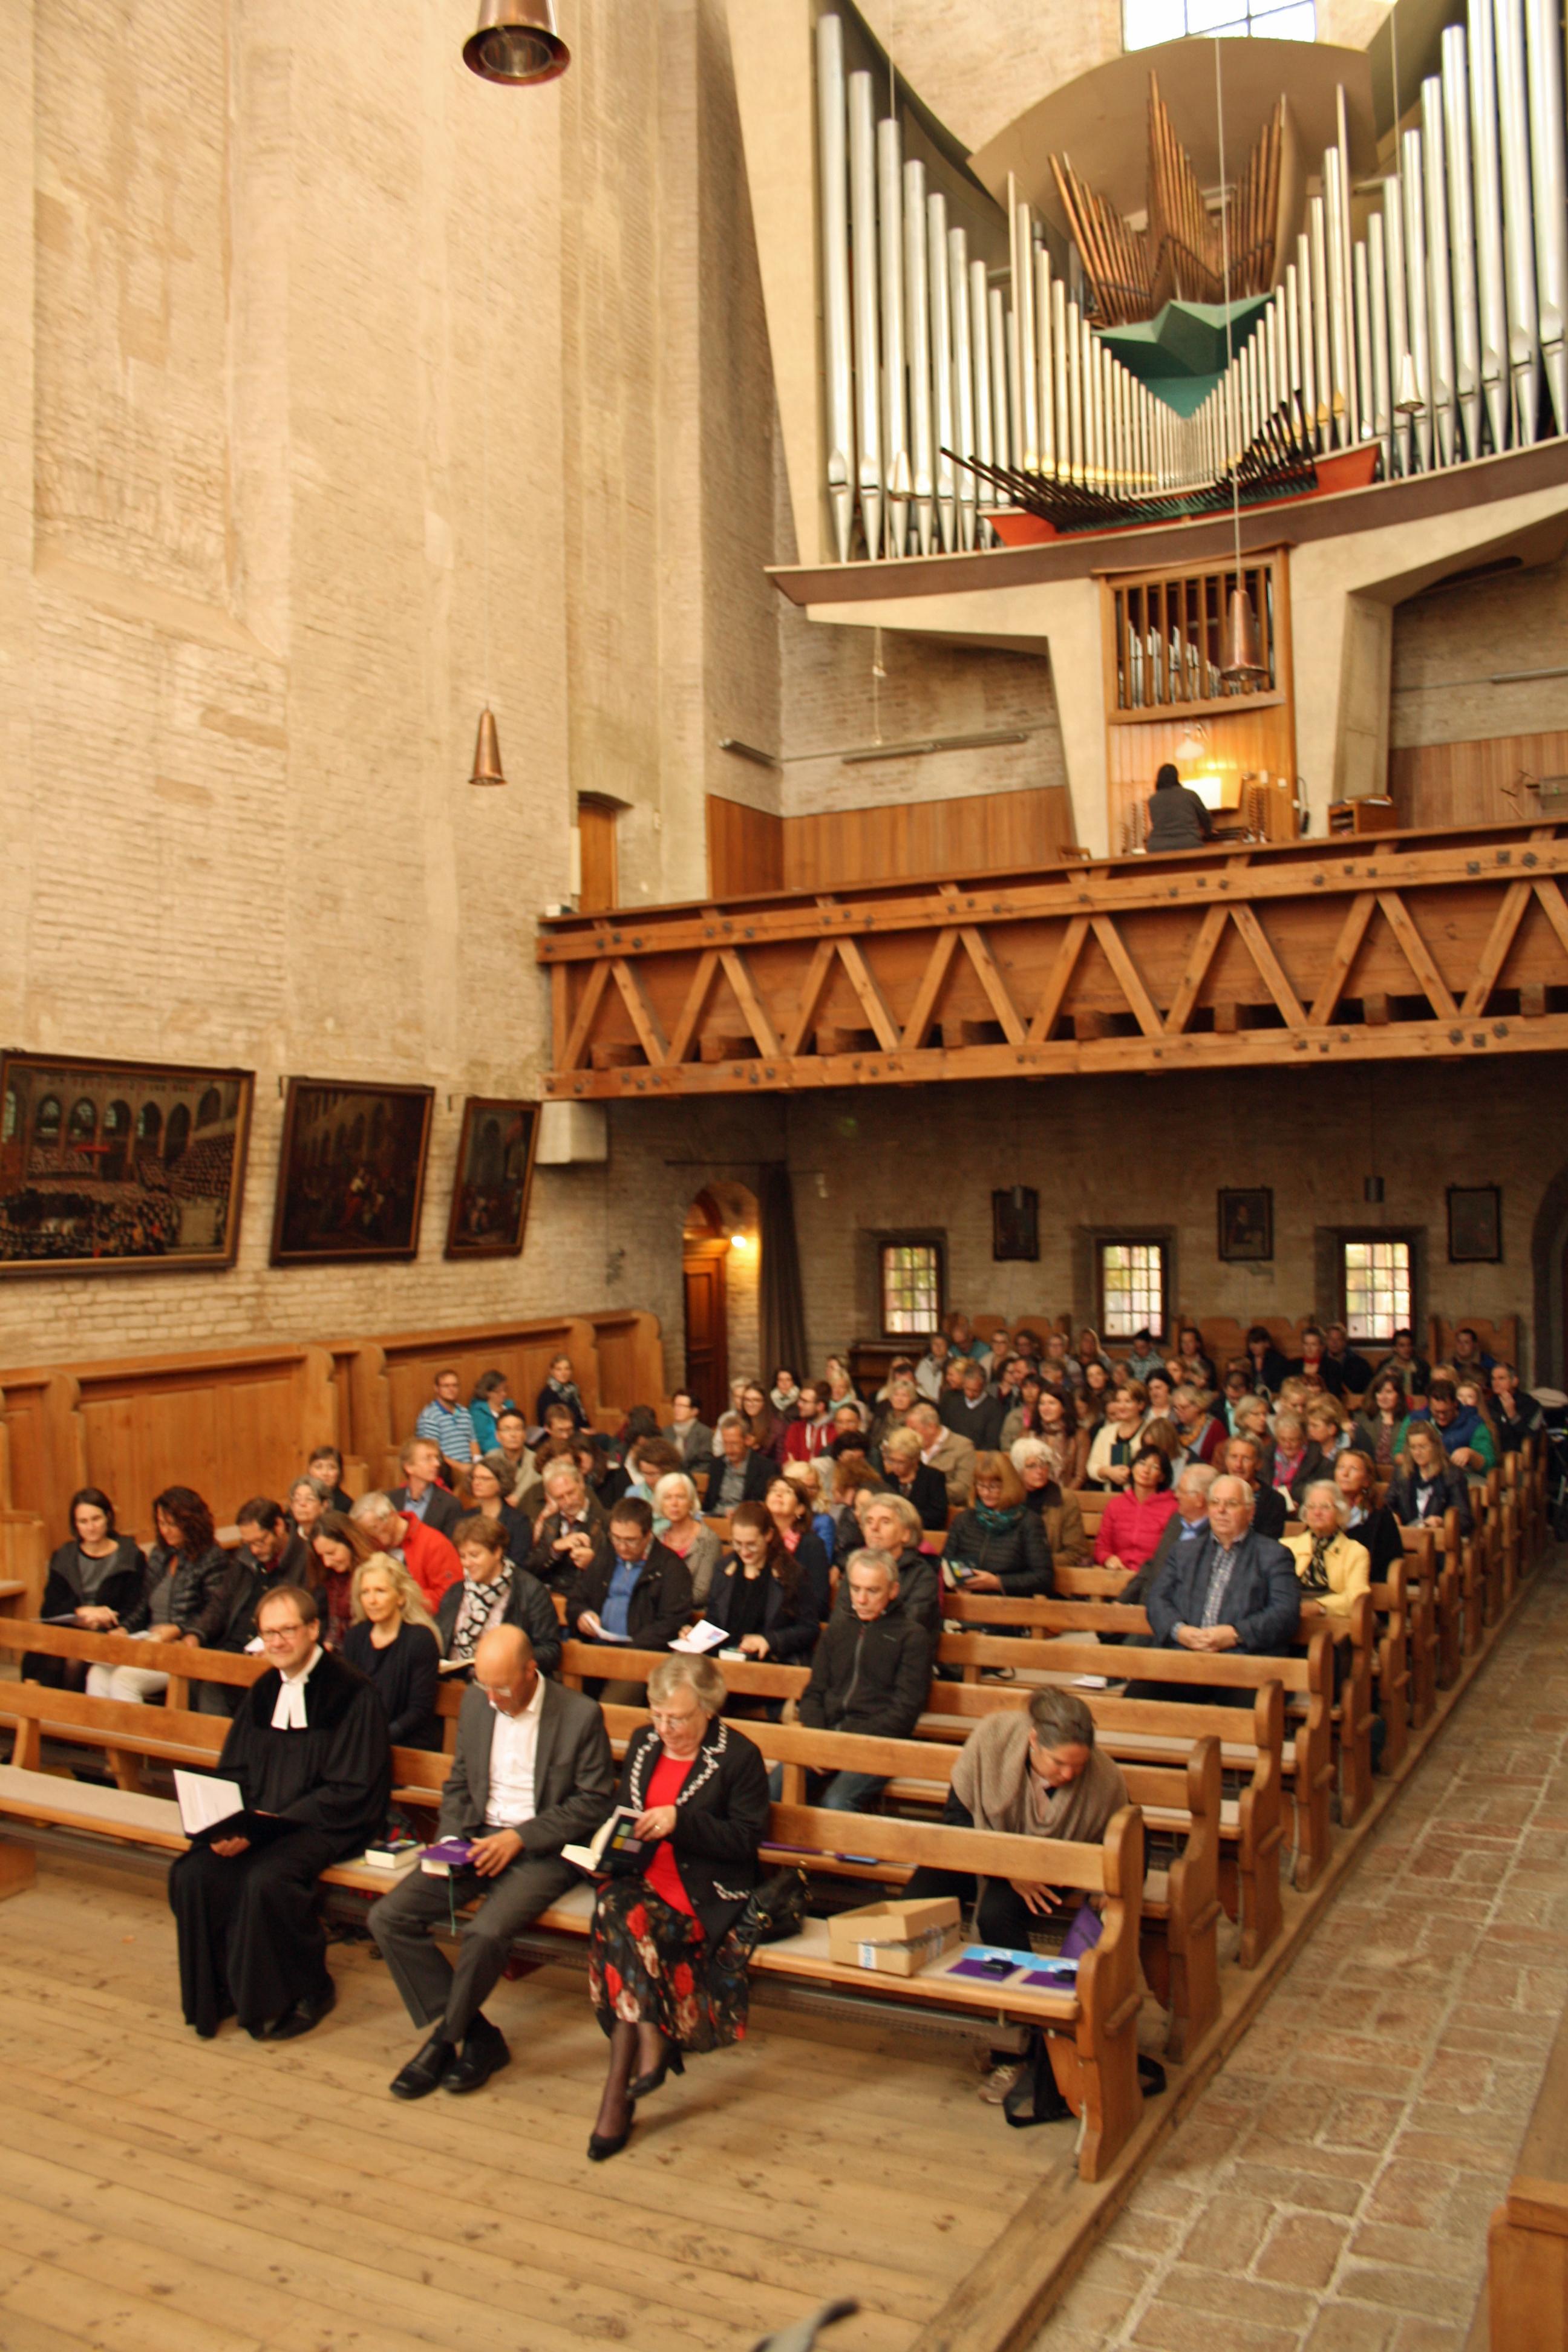 Der diesjährige Jahresgottes fand in der Kirche zu den Barfüßern statt.